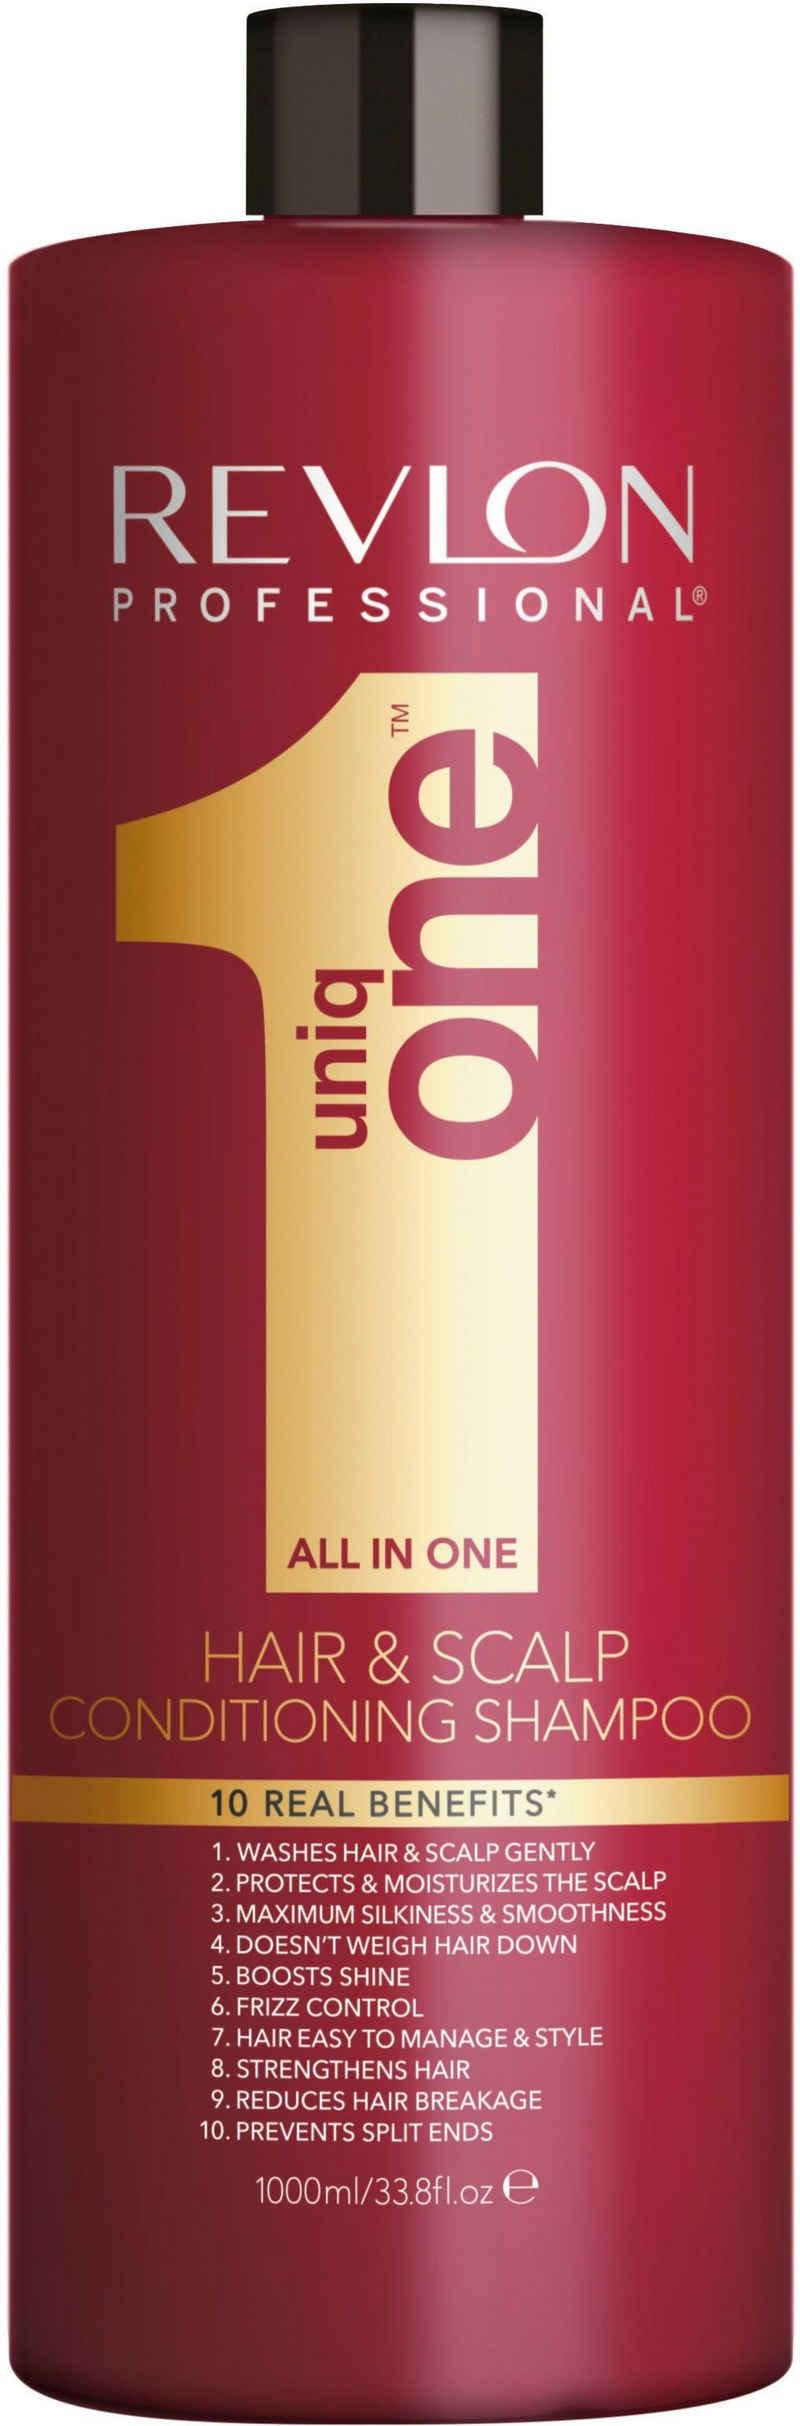 REVLON PROFESSIONAL Haarshampoo »Uniq One All in One Hair & Scalp Conditioning Shampoo«, beschwert nicht